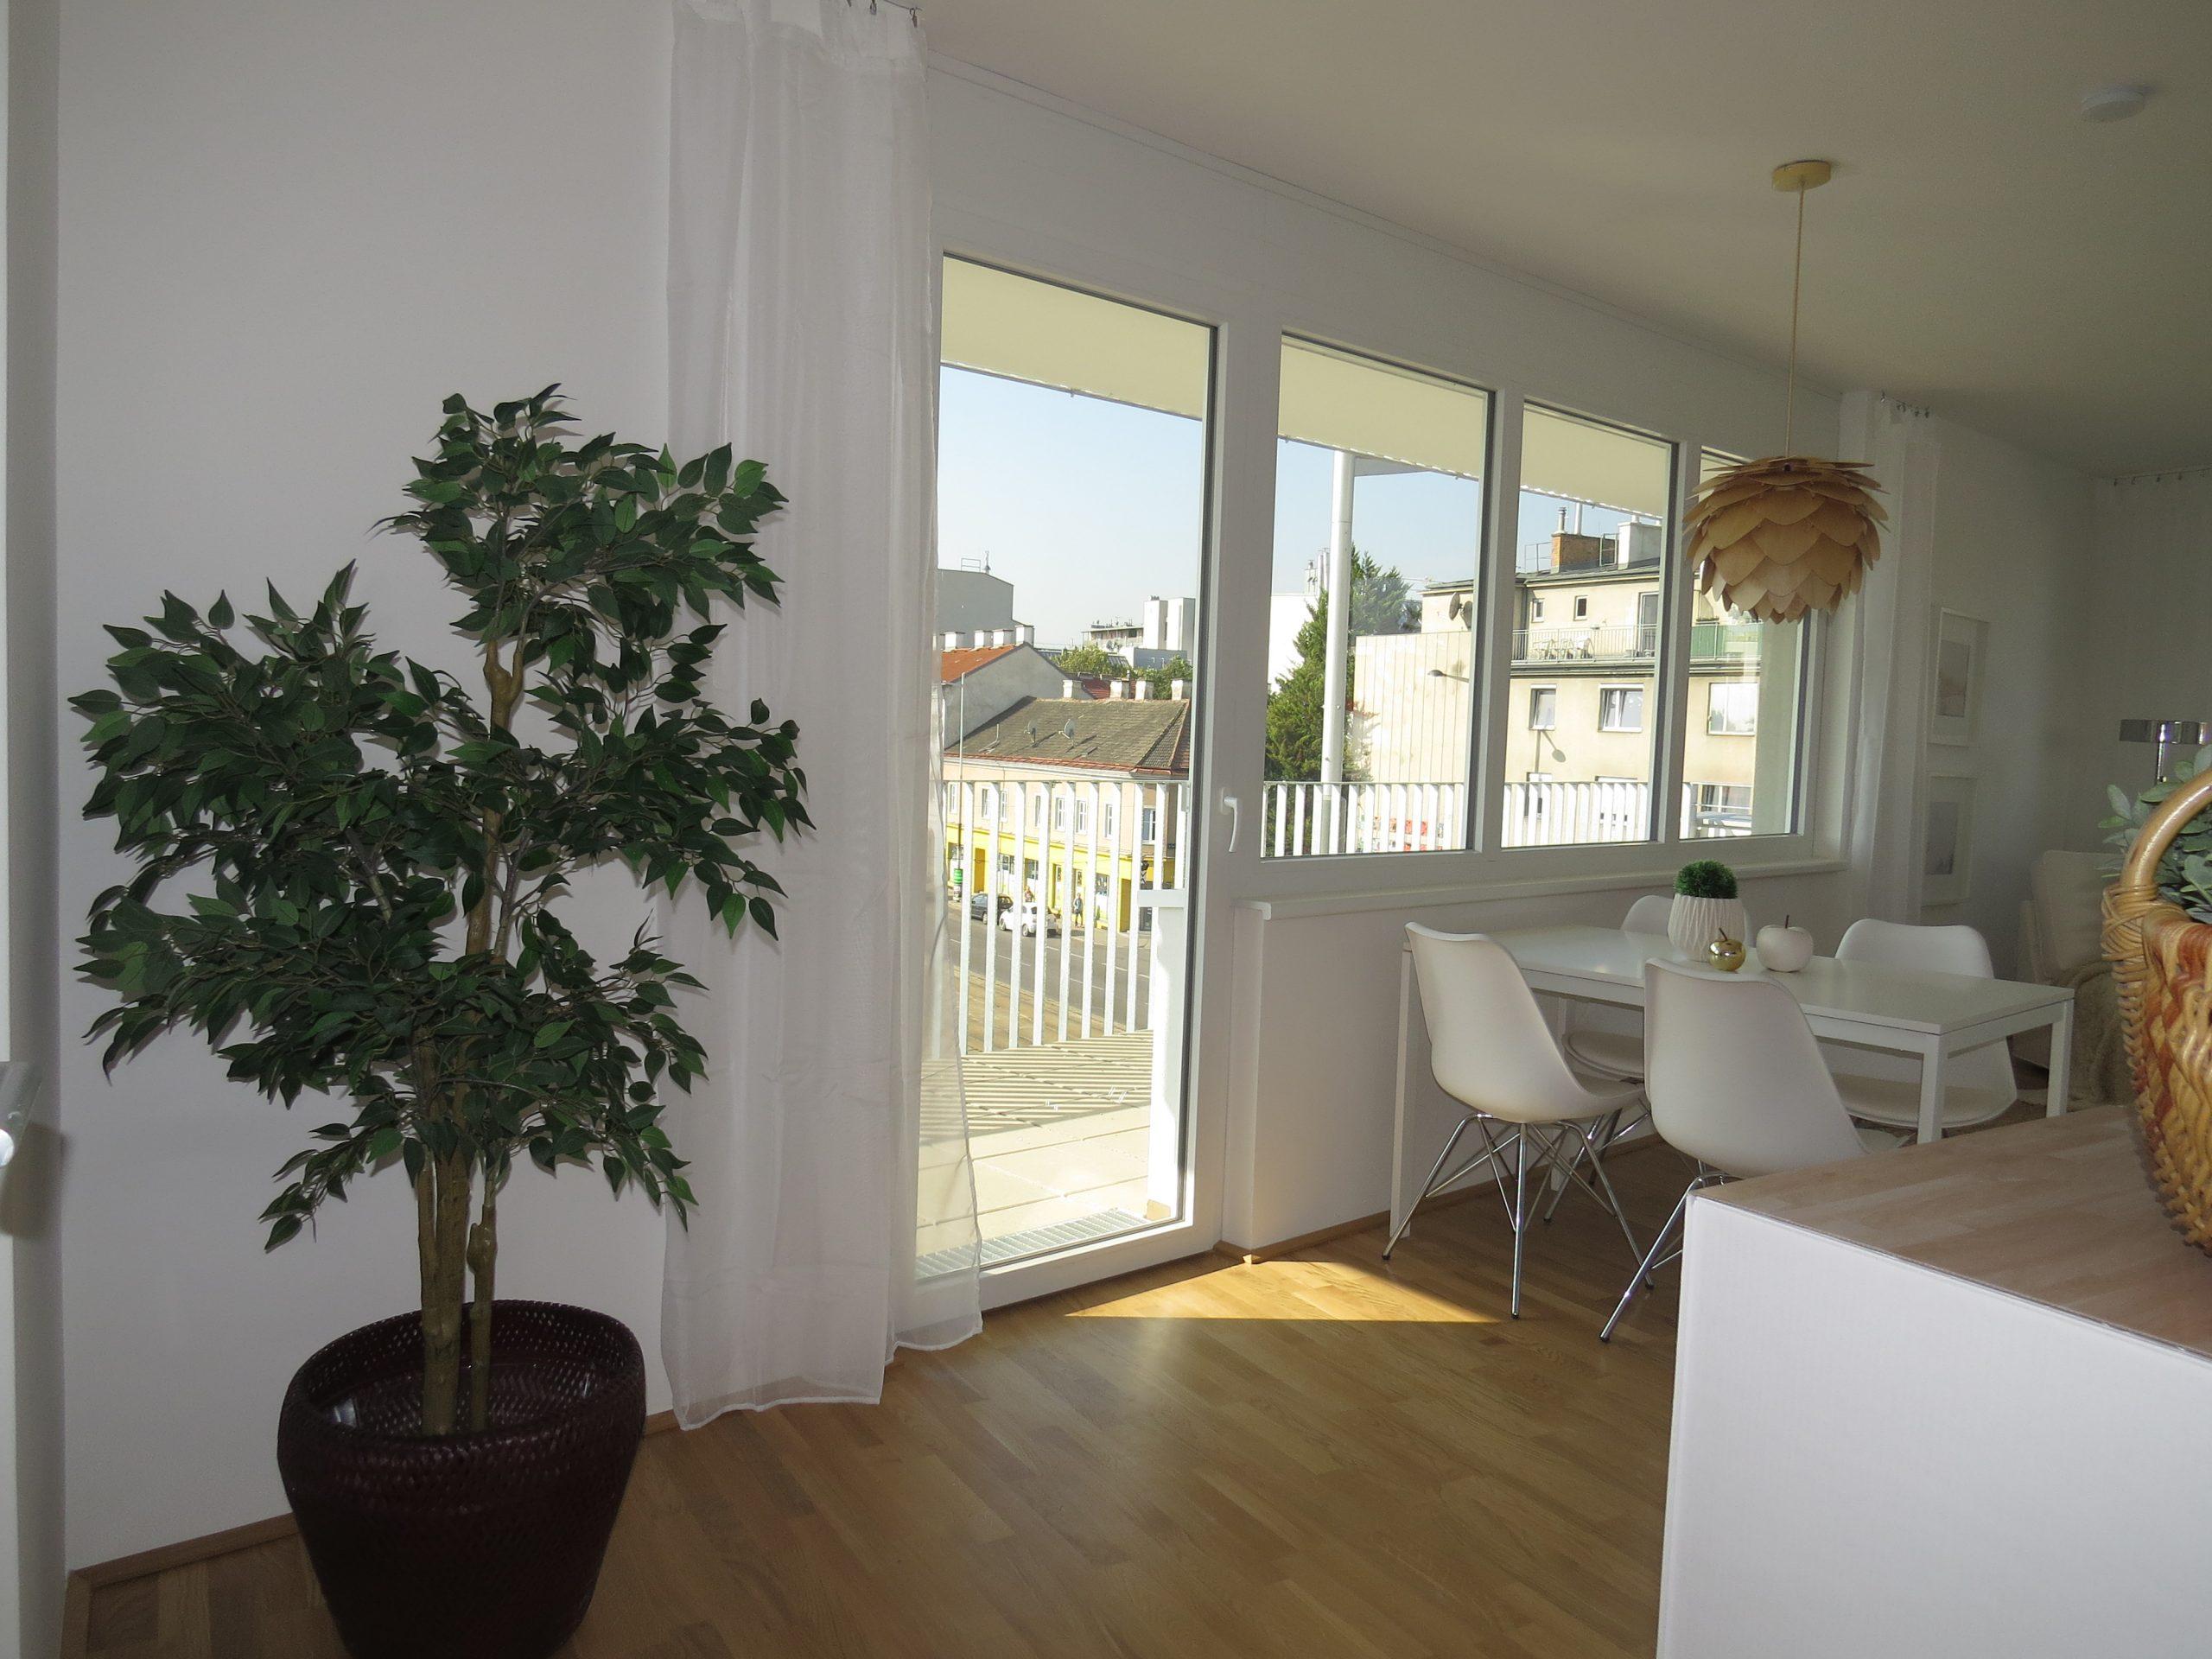 Provisionsfrei: 1220 Wien, nahe UNO-City, 2 Zimmer mit Balkon, Eigentumswohnung-Erstbezug